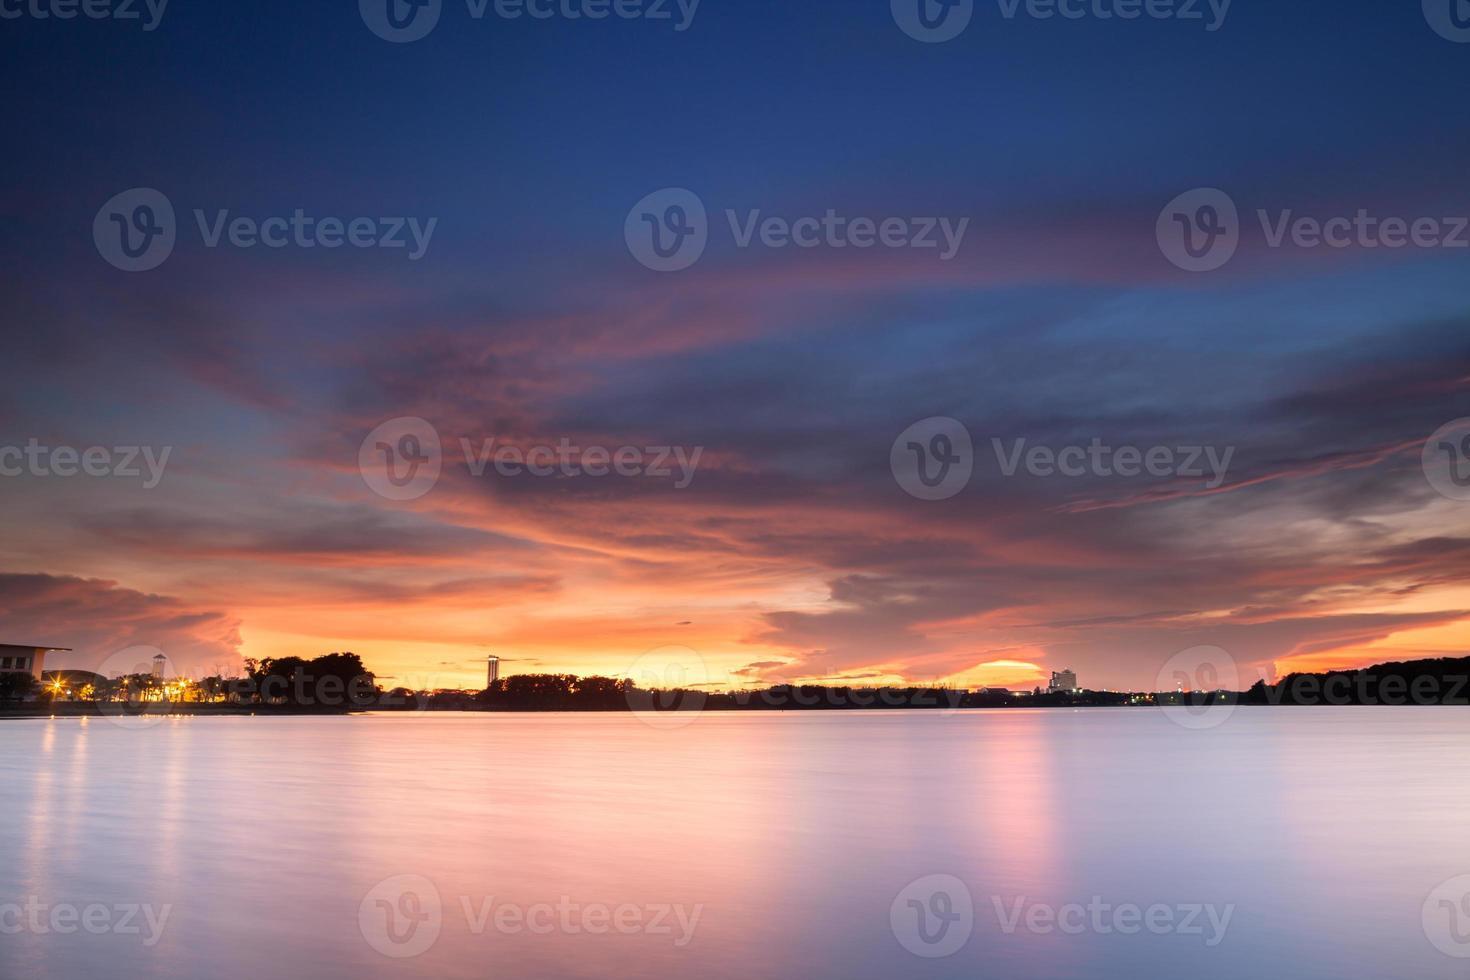 dramatischer Sonnenuntergangshimmel über Wasser foto